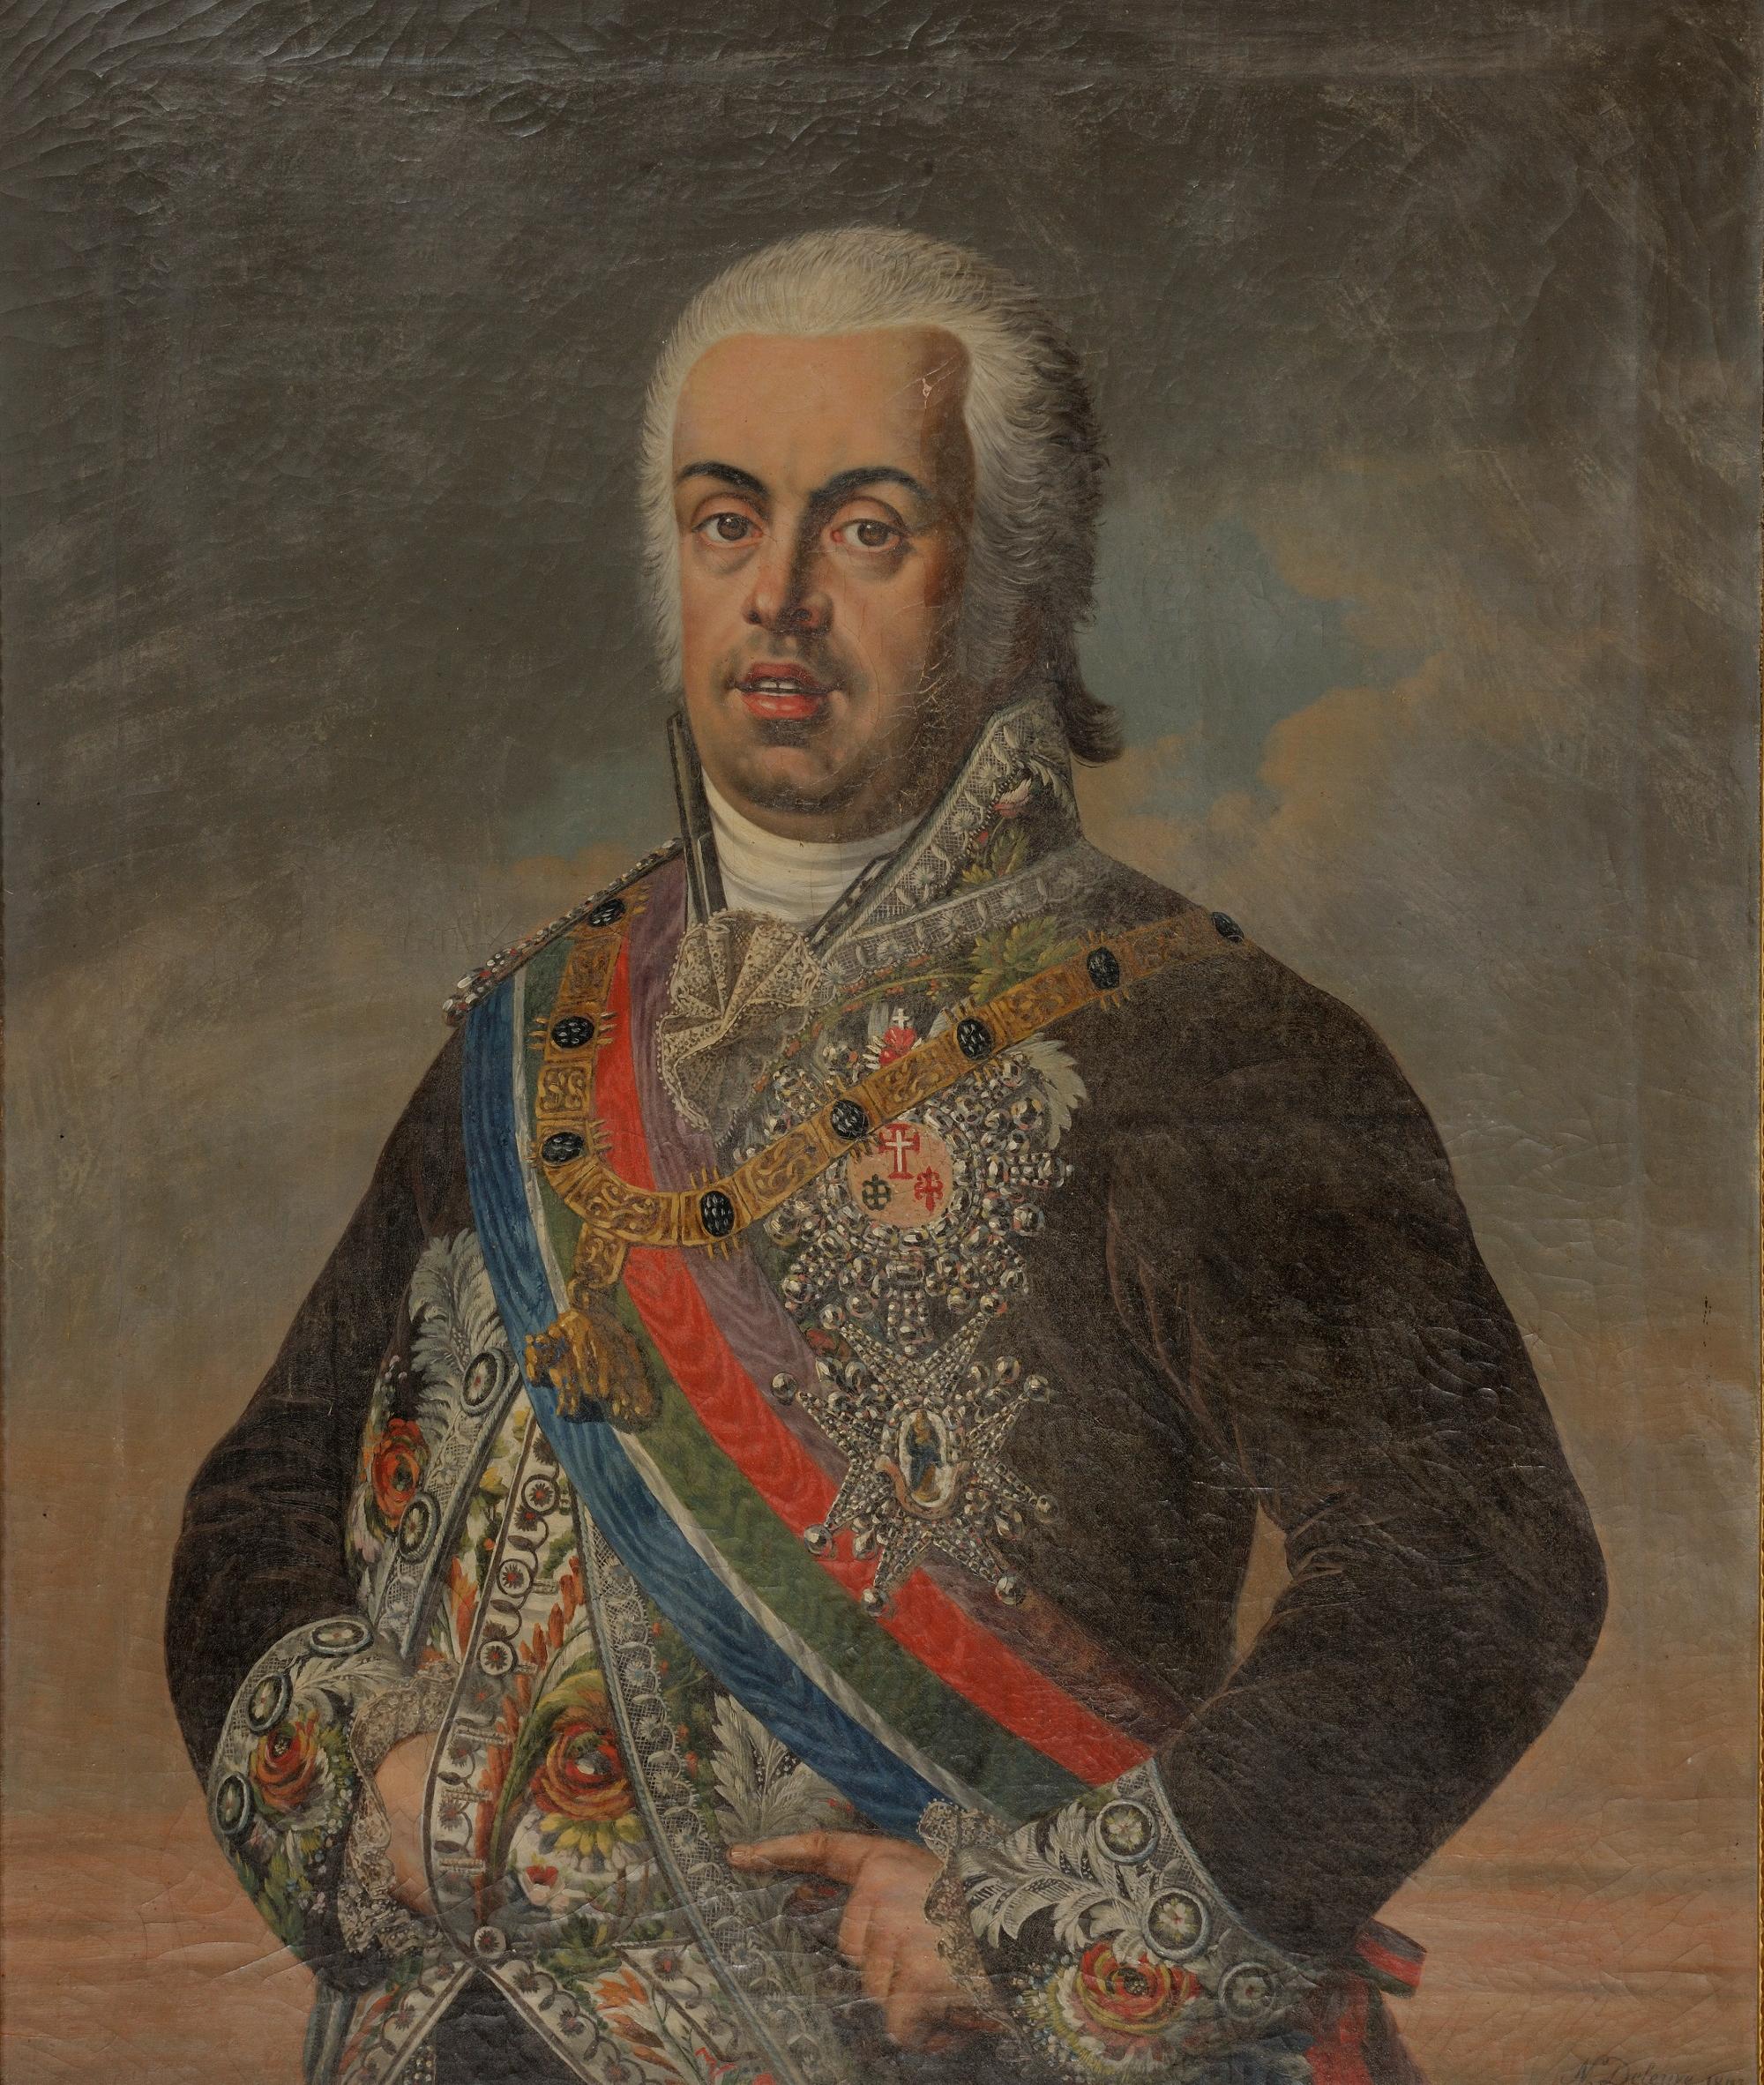 Reinado de D. João VI. 1816-1826. Início da Monarquia Constitucional.